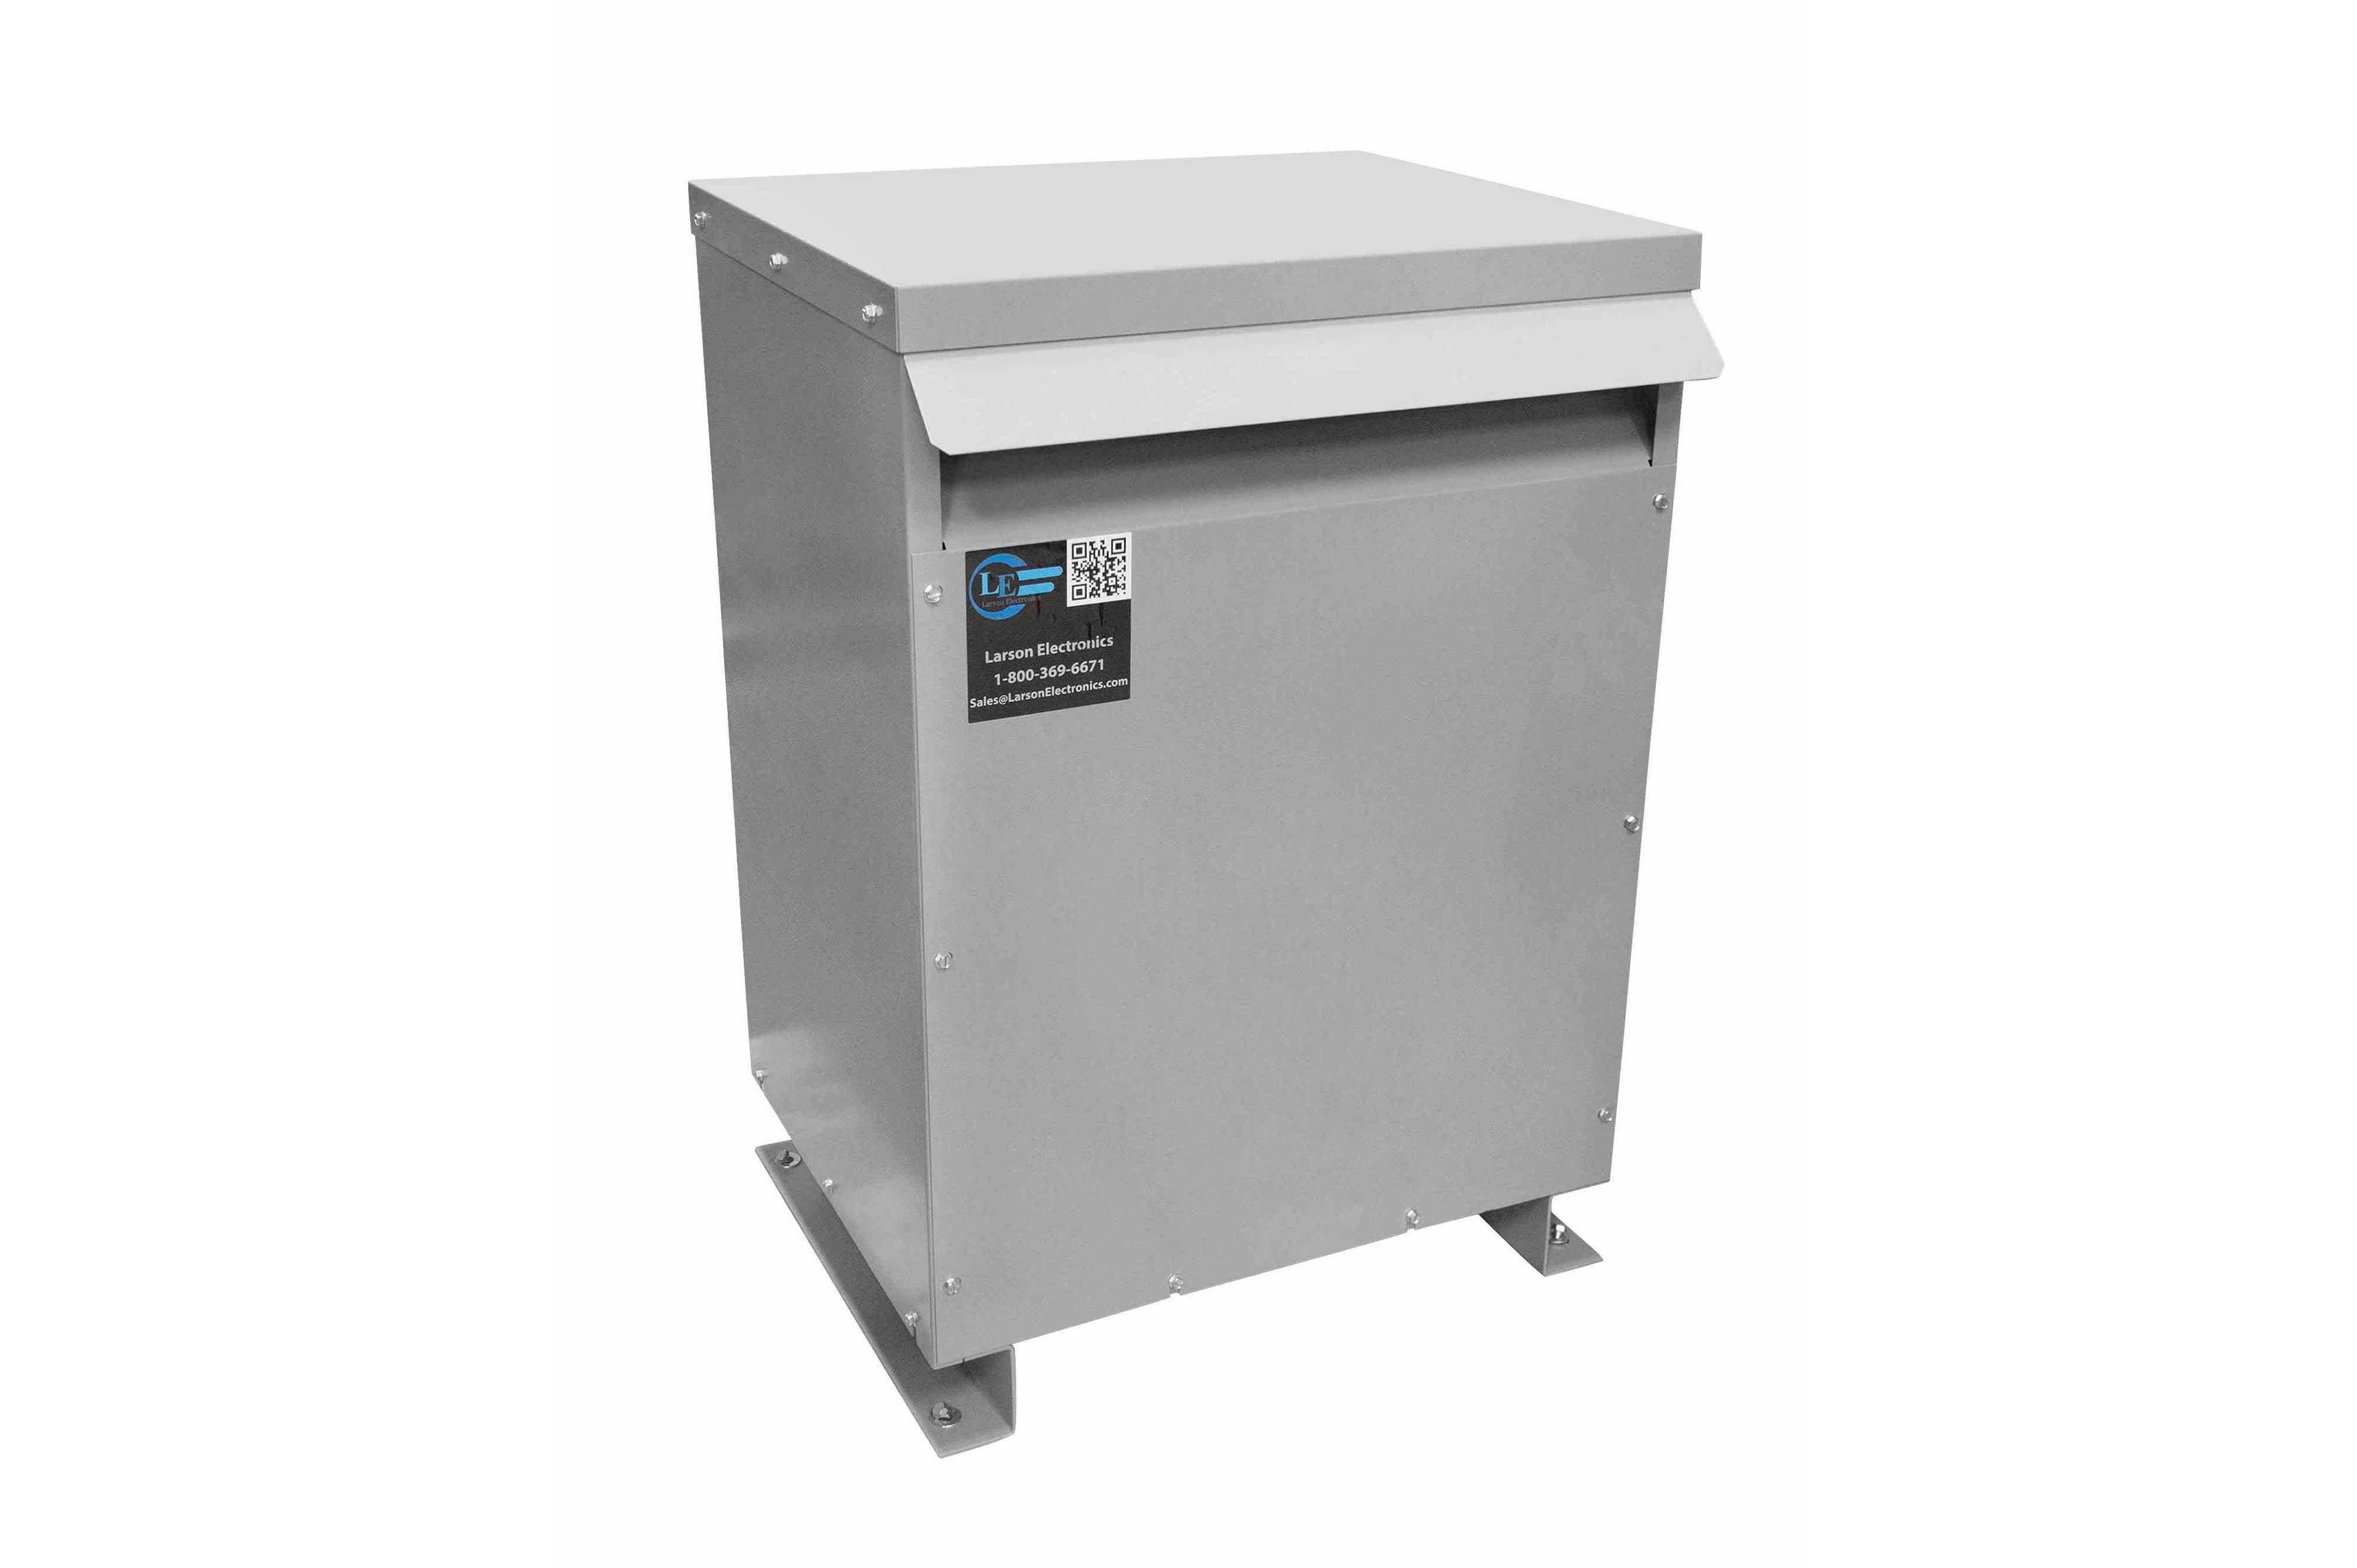 800 kVA 3PH Isolation Transformer, 230V Delta Primary, 208V Delta Secondary, N3R, Ventilated, 60 Hz